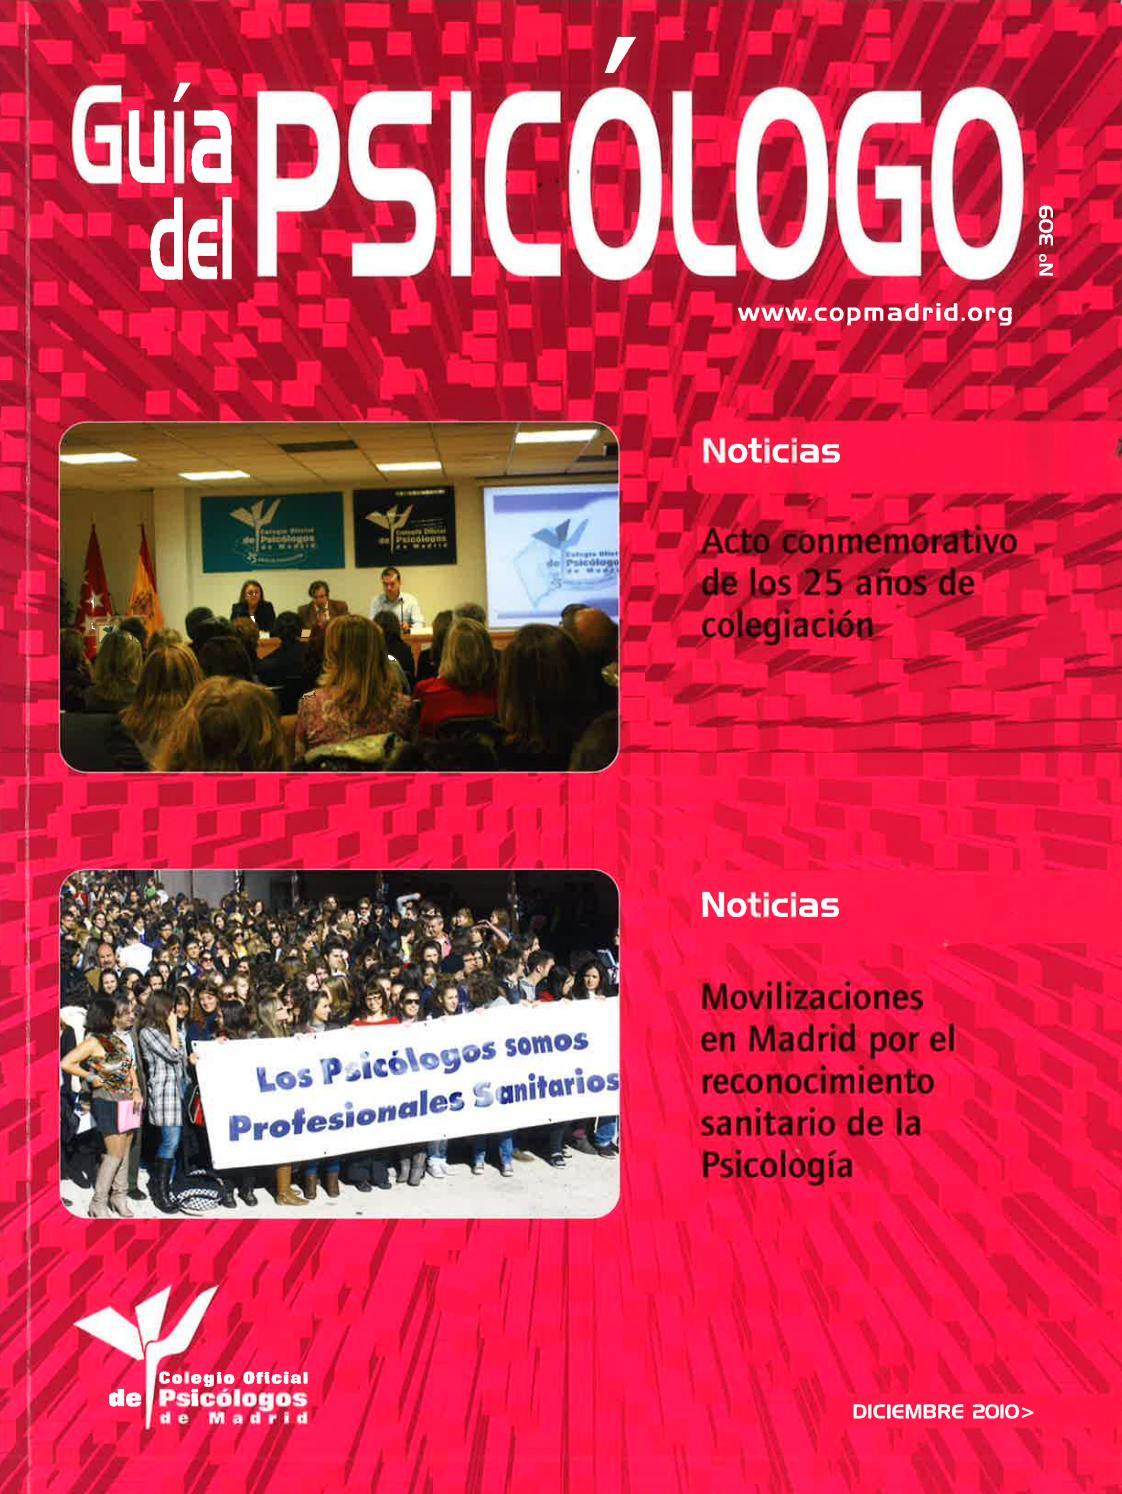 Guía del Psicólogo mes de diciembre de 2010 by Colegio Oficial de  Psicólogos de Madrid - issuu